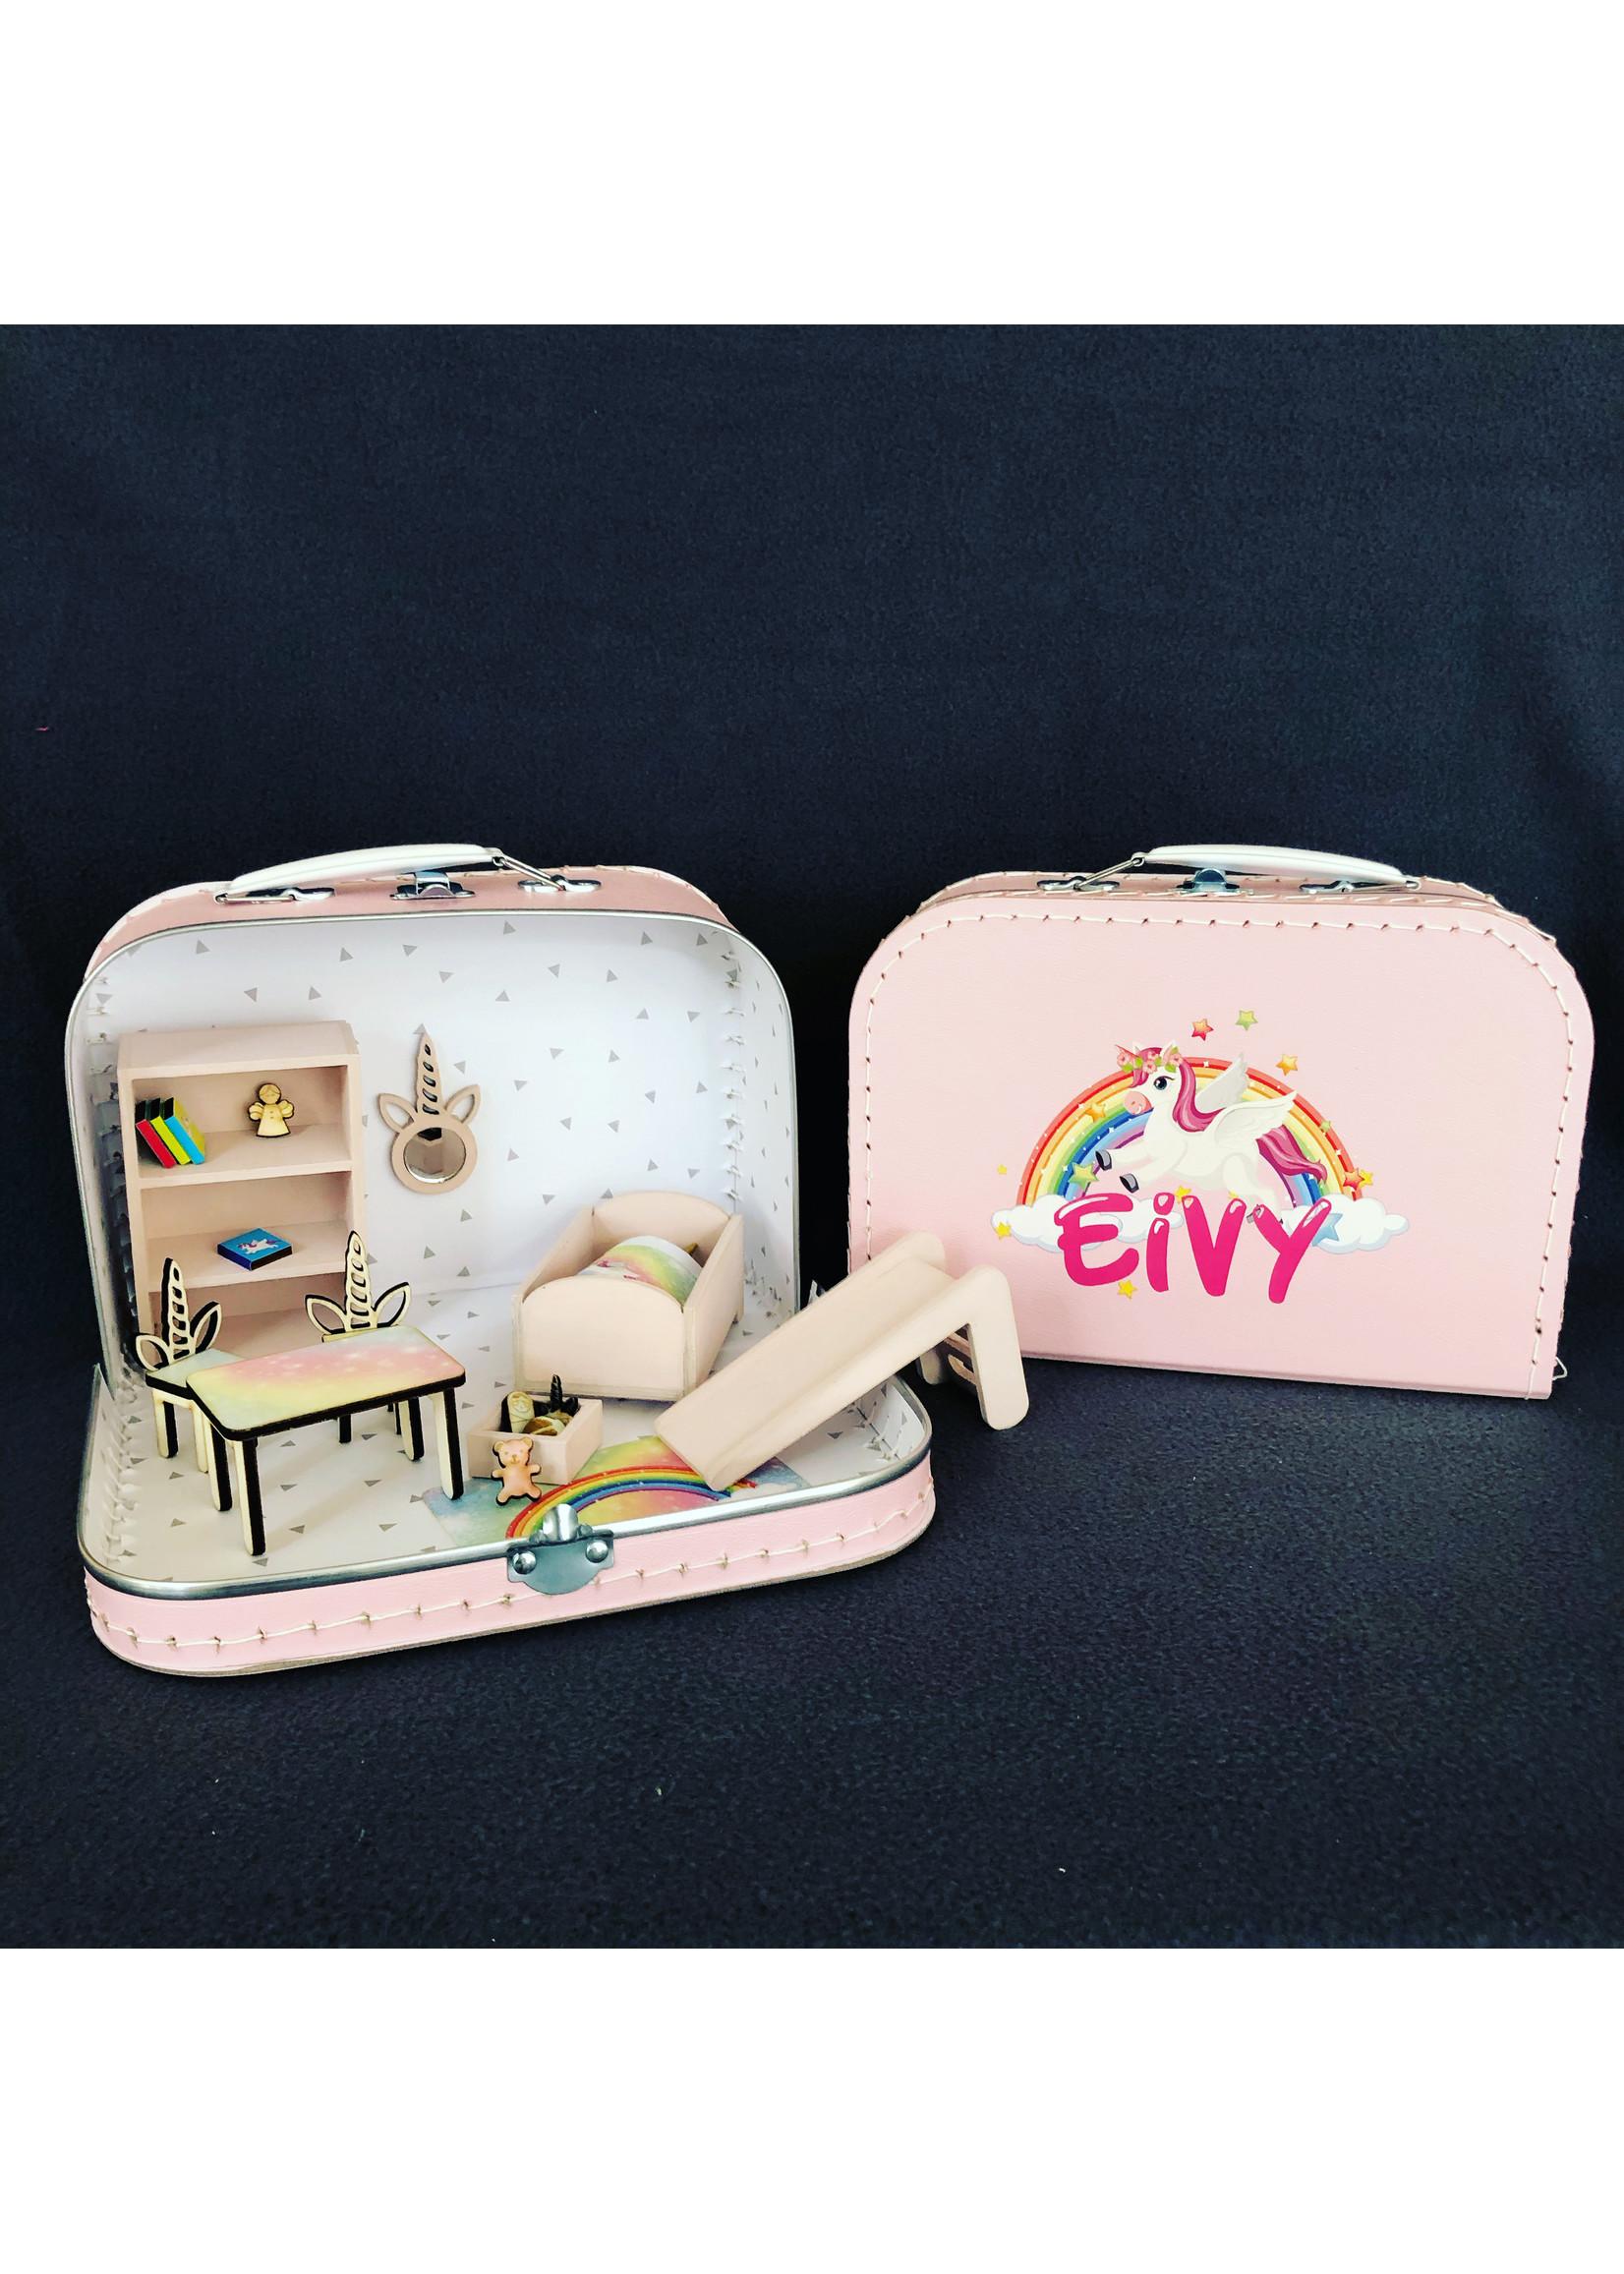 Tafel met unicorn stoelen voor poppenhuis (zelf plakken)